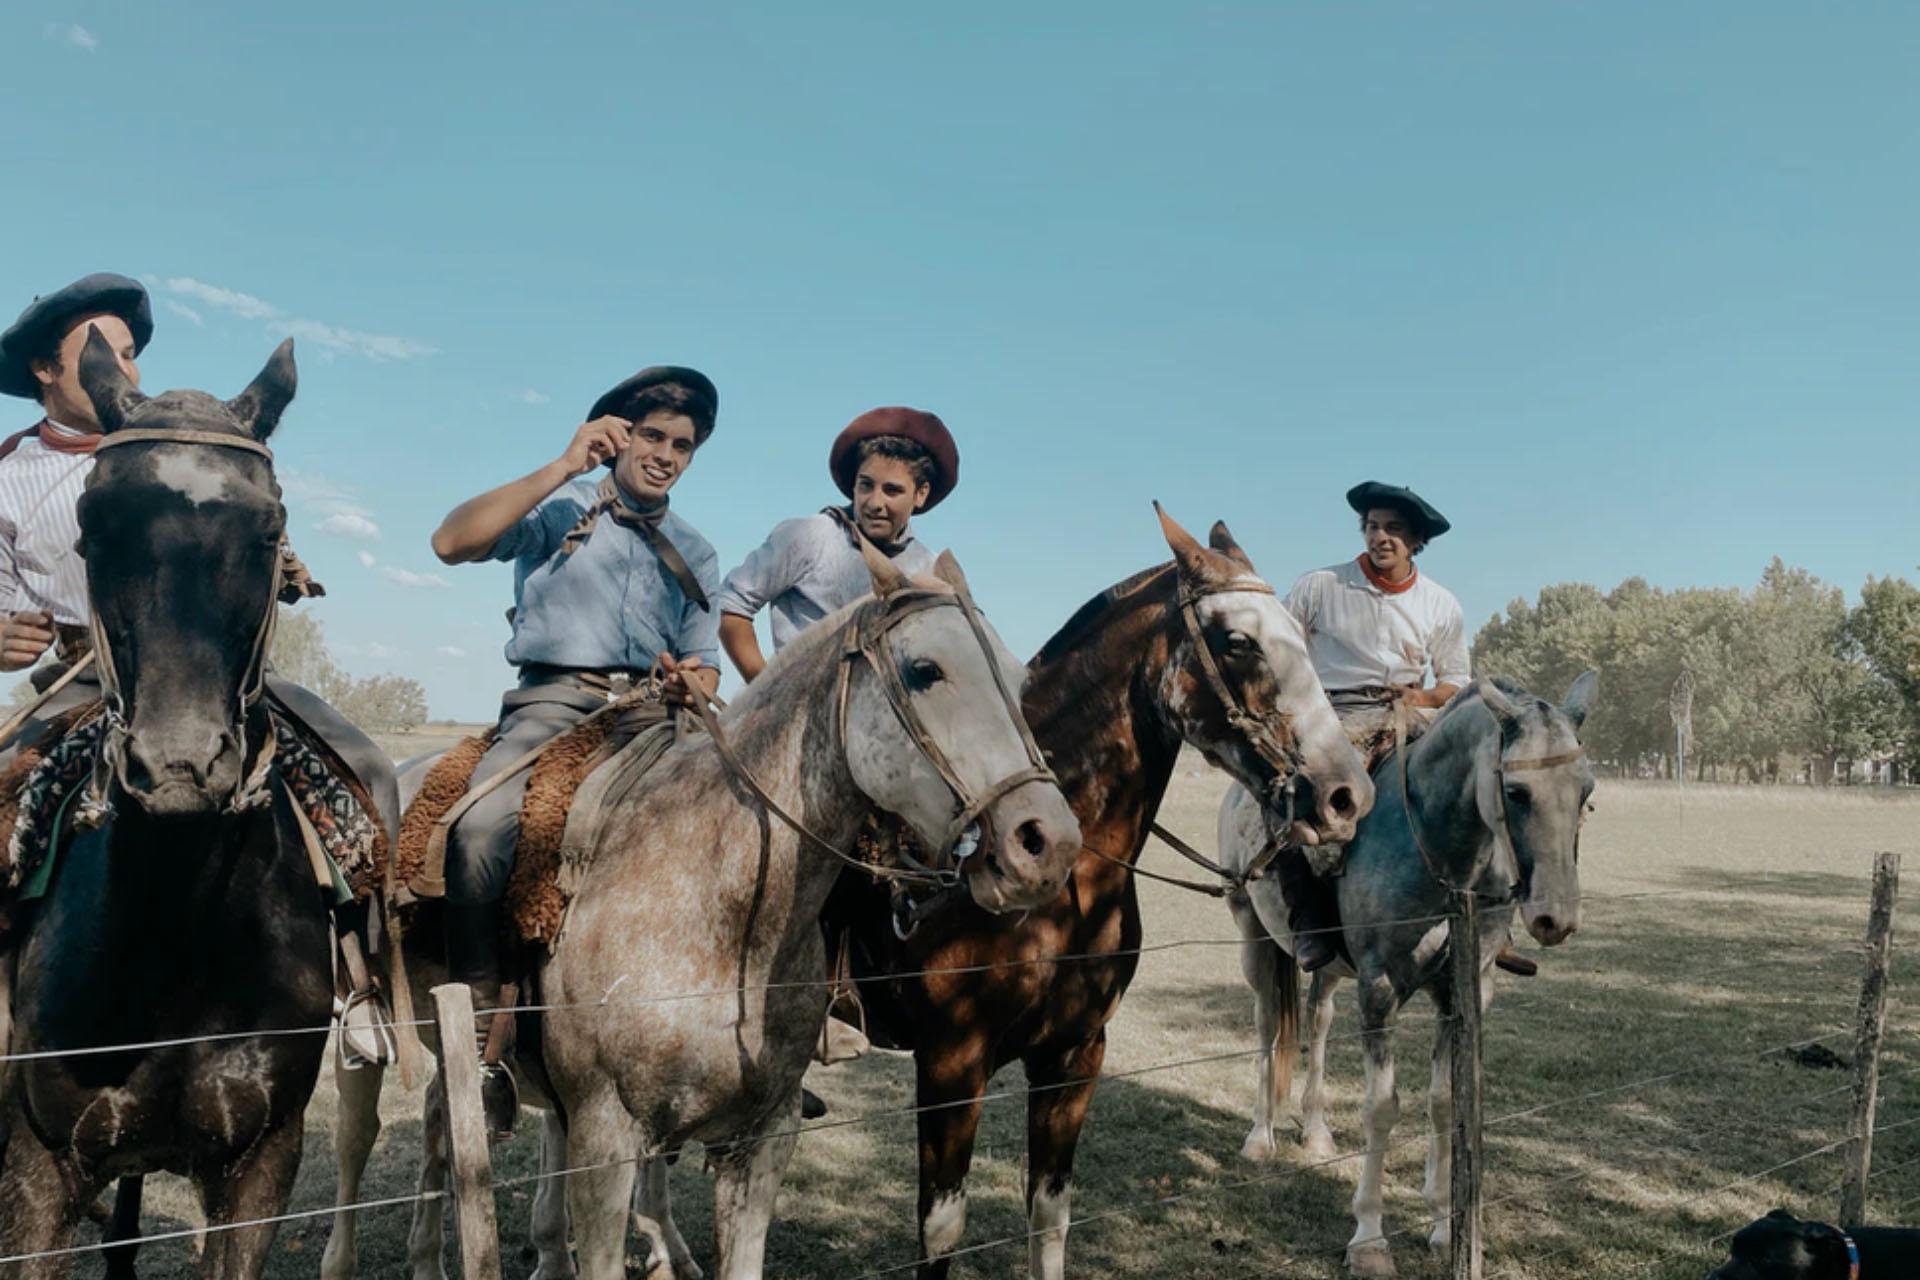 Equestrian Style & Fashion